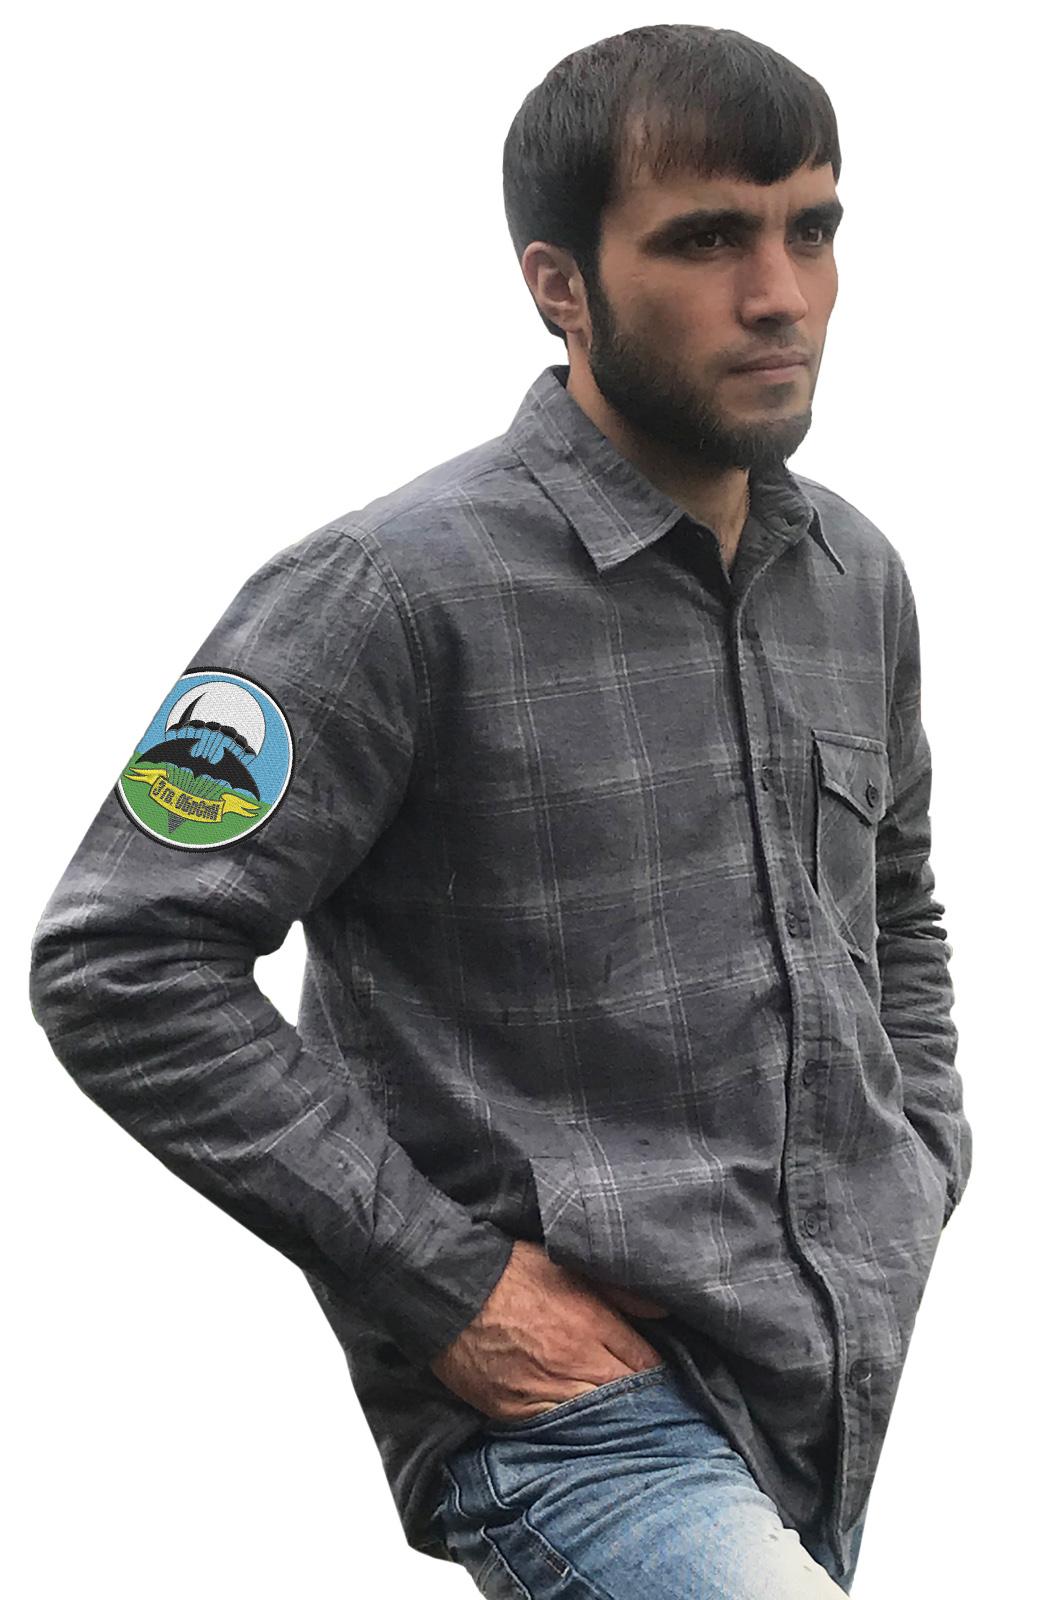 Рубашка в клетку 3 гв. ОБрСпН купить с доставкой